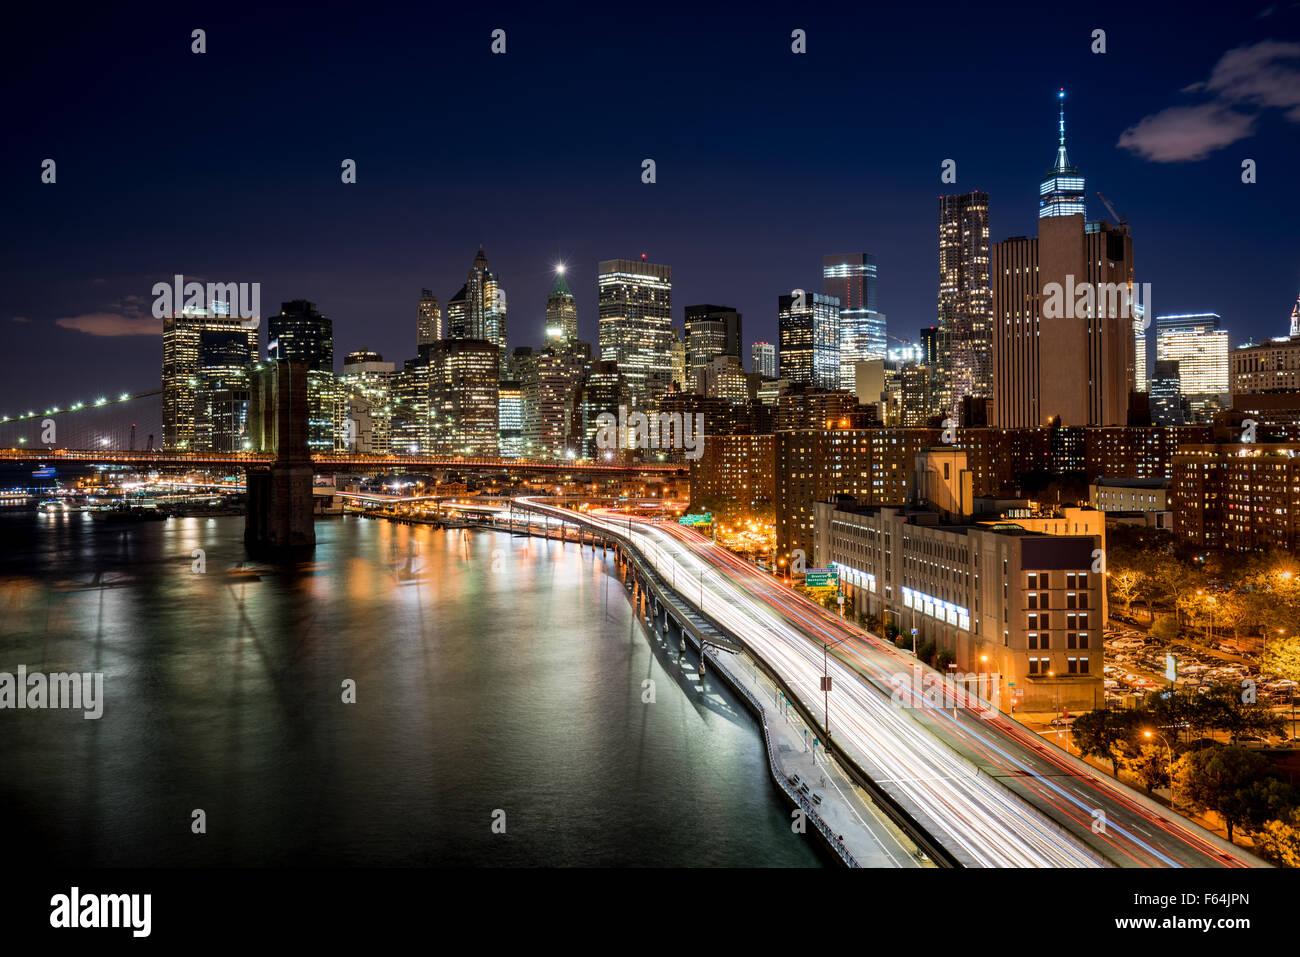 Paisaje nocturno de Manhattan, el distrito financiero con sus rascacielos iluminados y del World Trade Centre. La Imagen De Stock